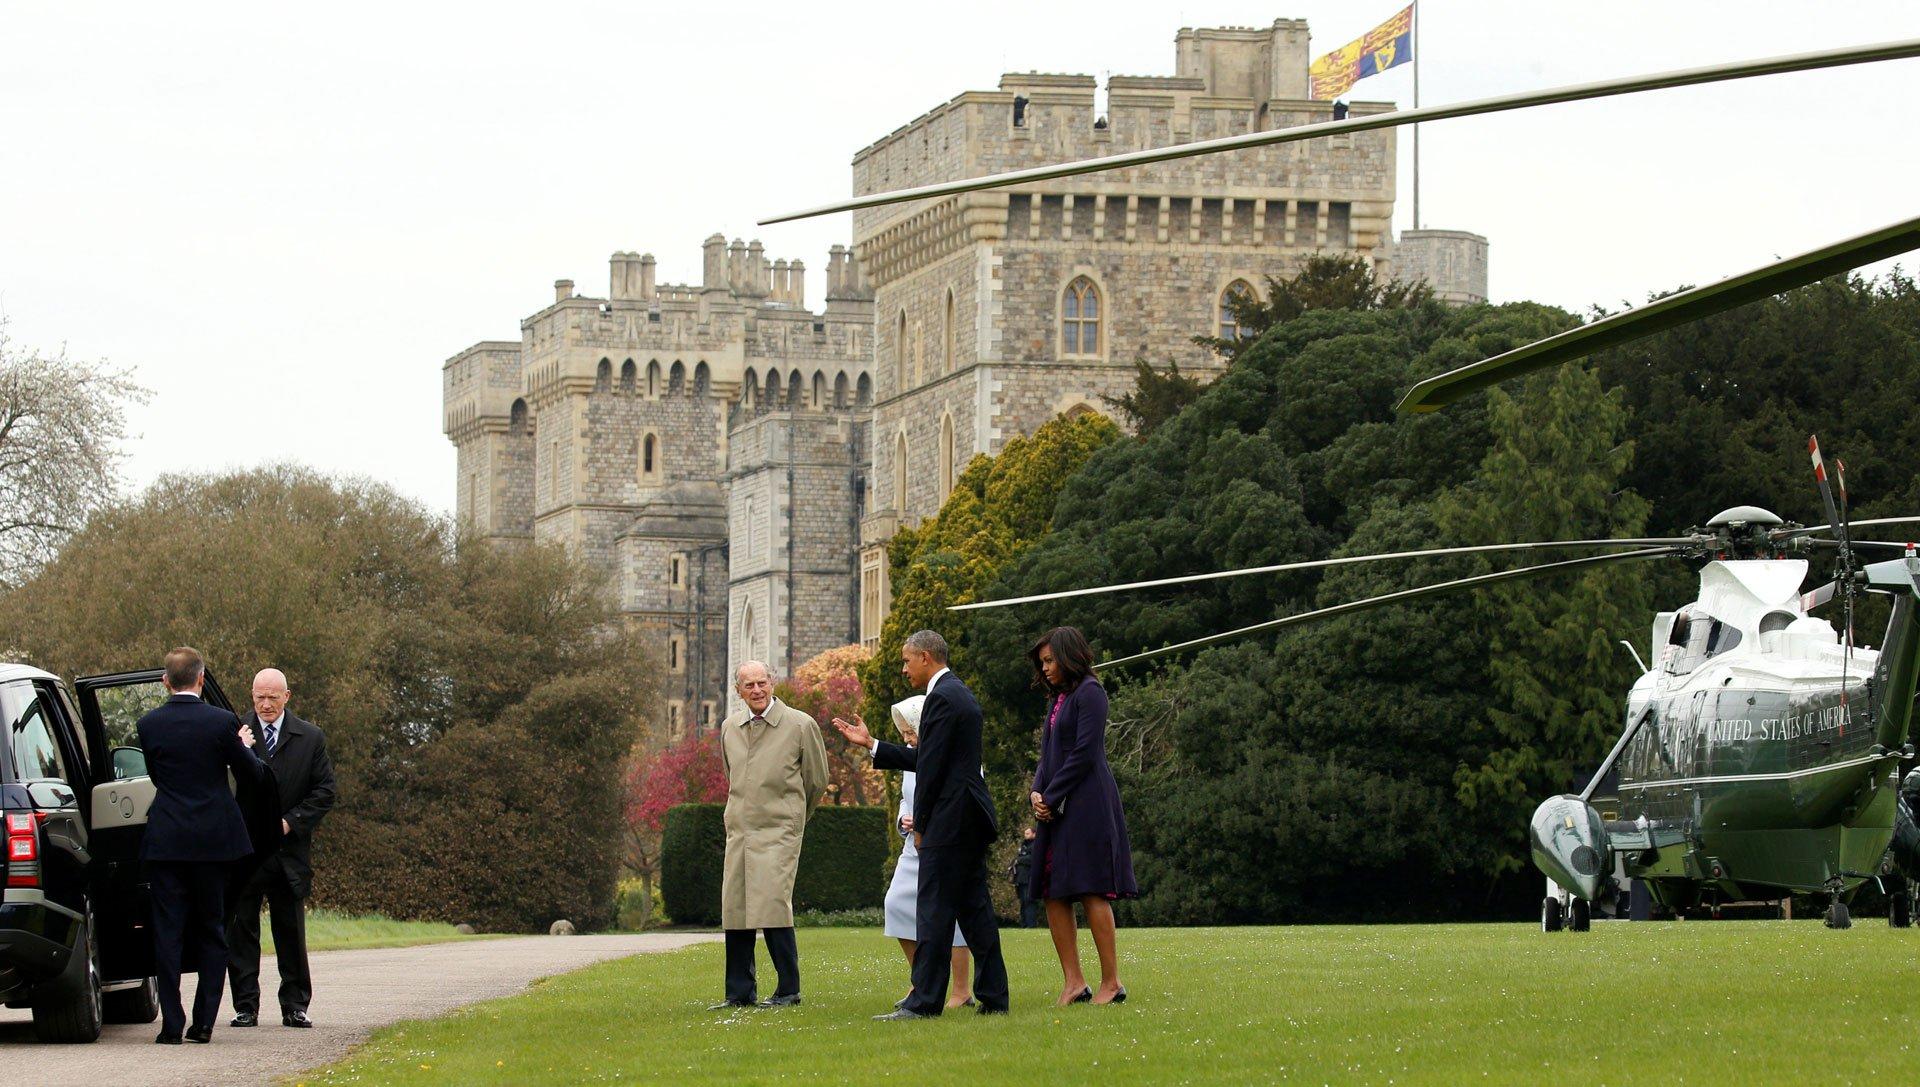 El castillo de Windsor es la residencia actual de Isabel II